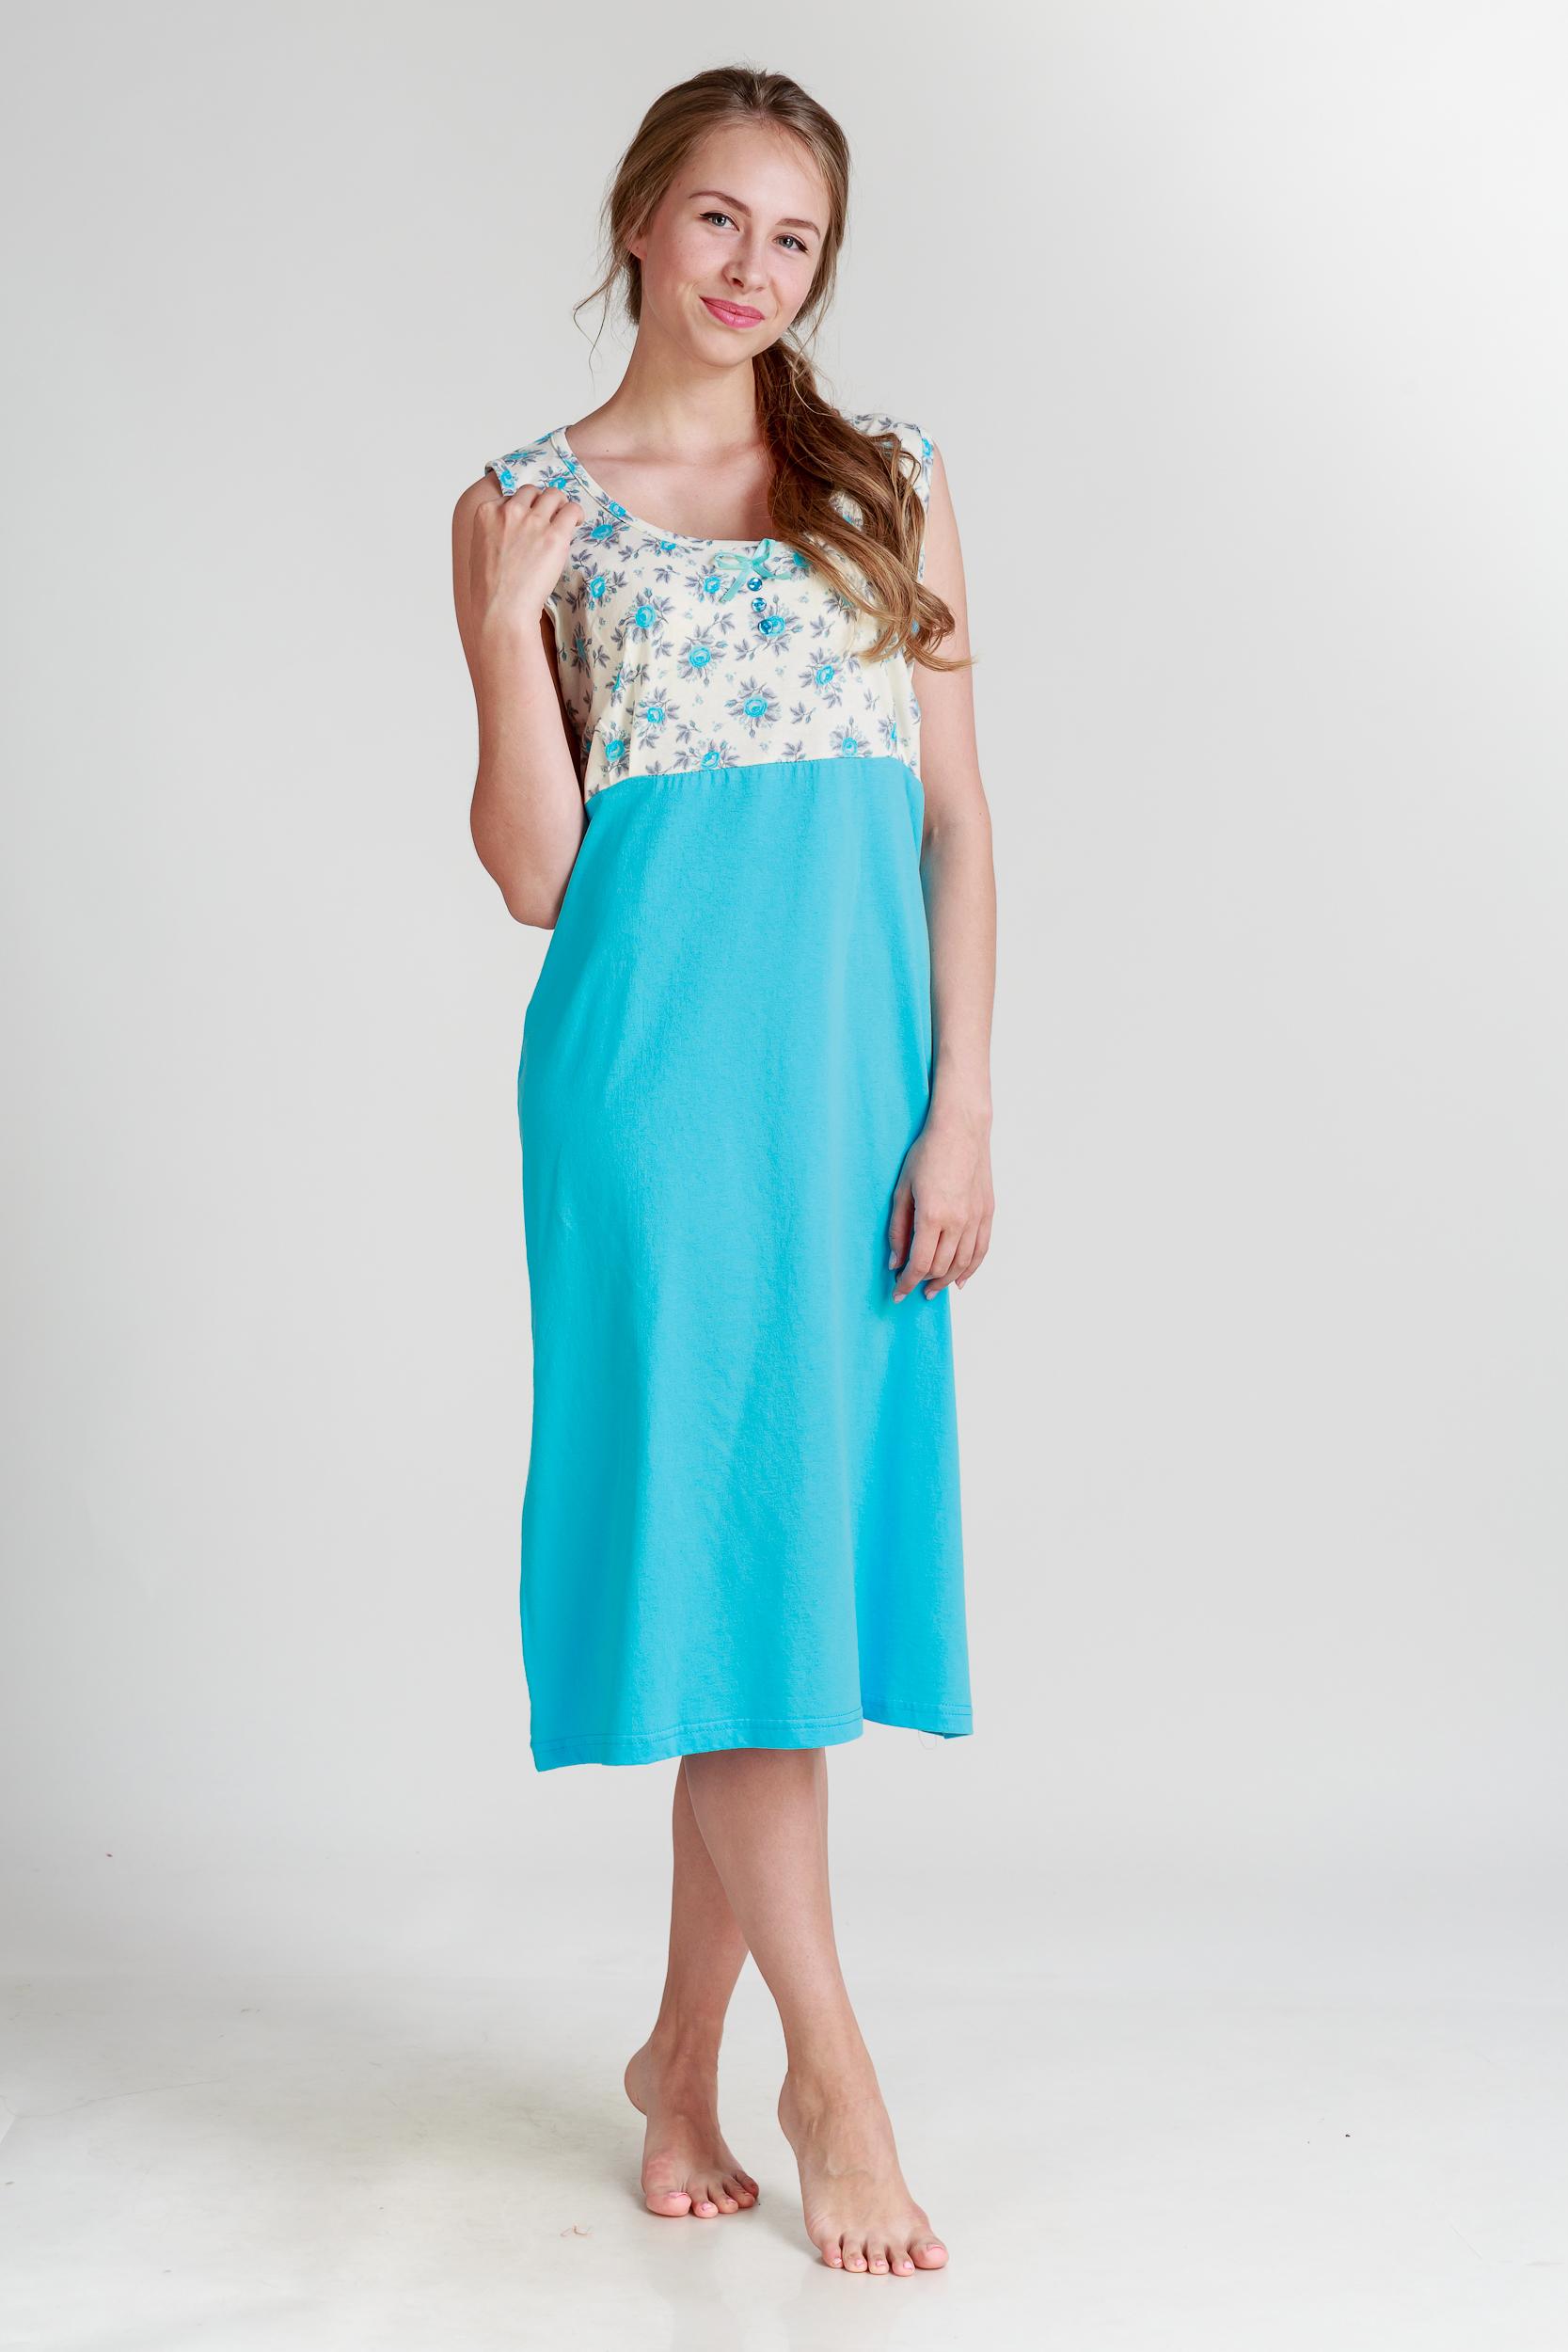 Ночные сорочки Pastilla Ночная сорочка Ваниль Цвет: Голубой (xxxL) сорочка ночная для беременных и кормящих мамин дом мамин дом цвет голубой 24130 размер 48